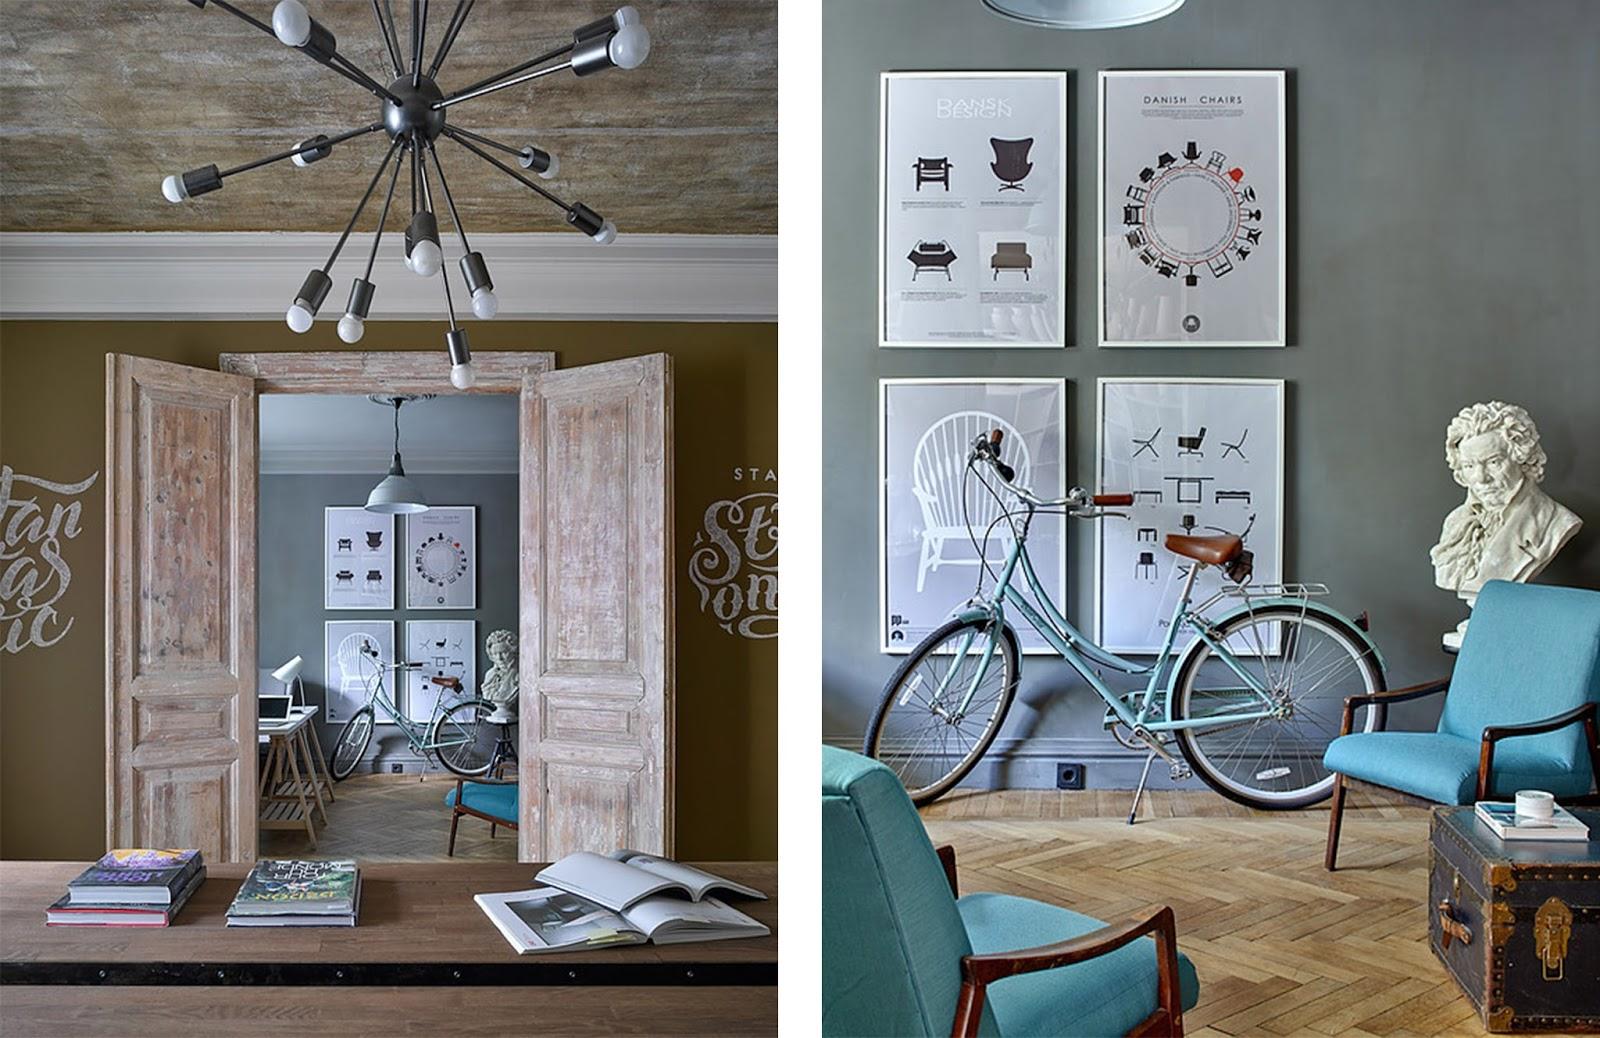 Casa ufficio con opere d 39 arte e arredi vintage by for Blog di design